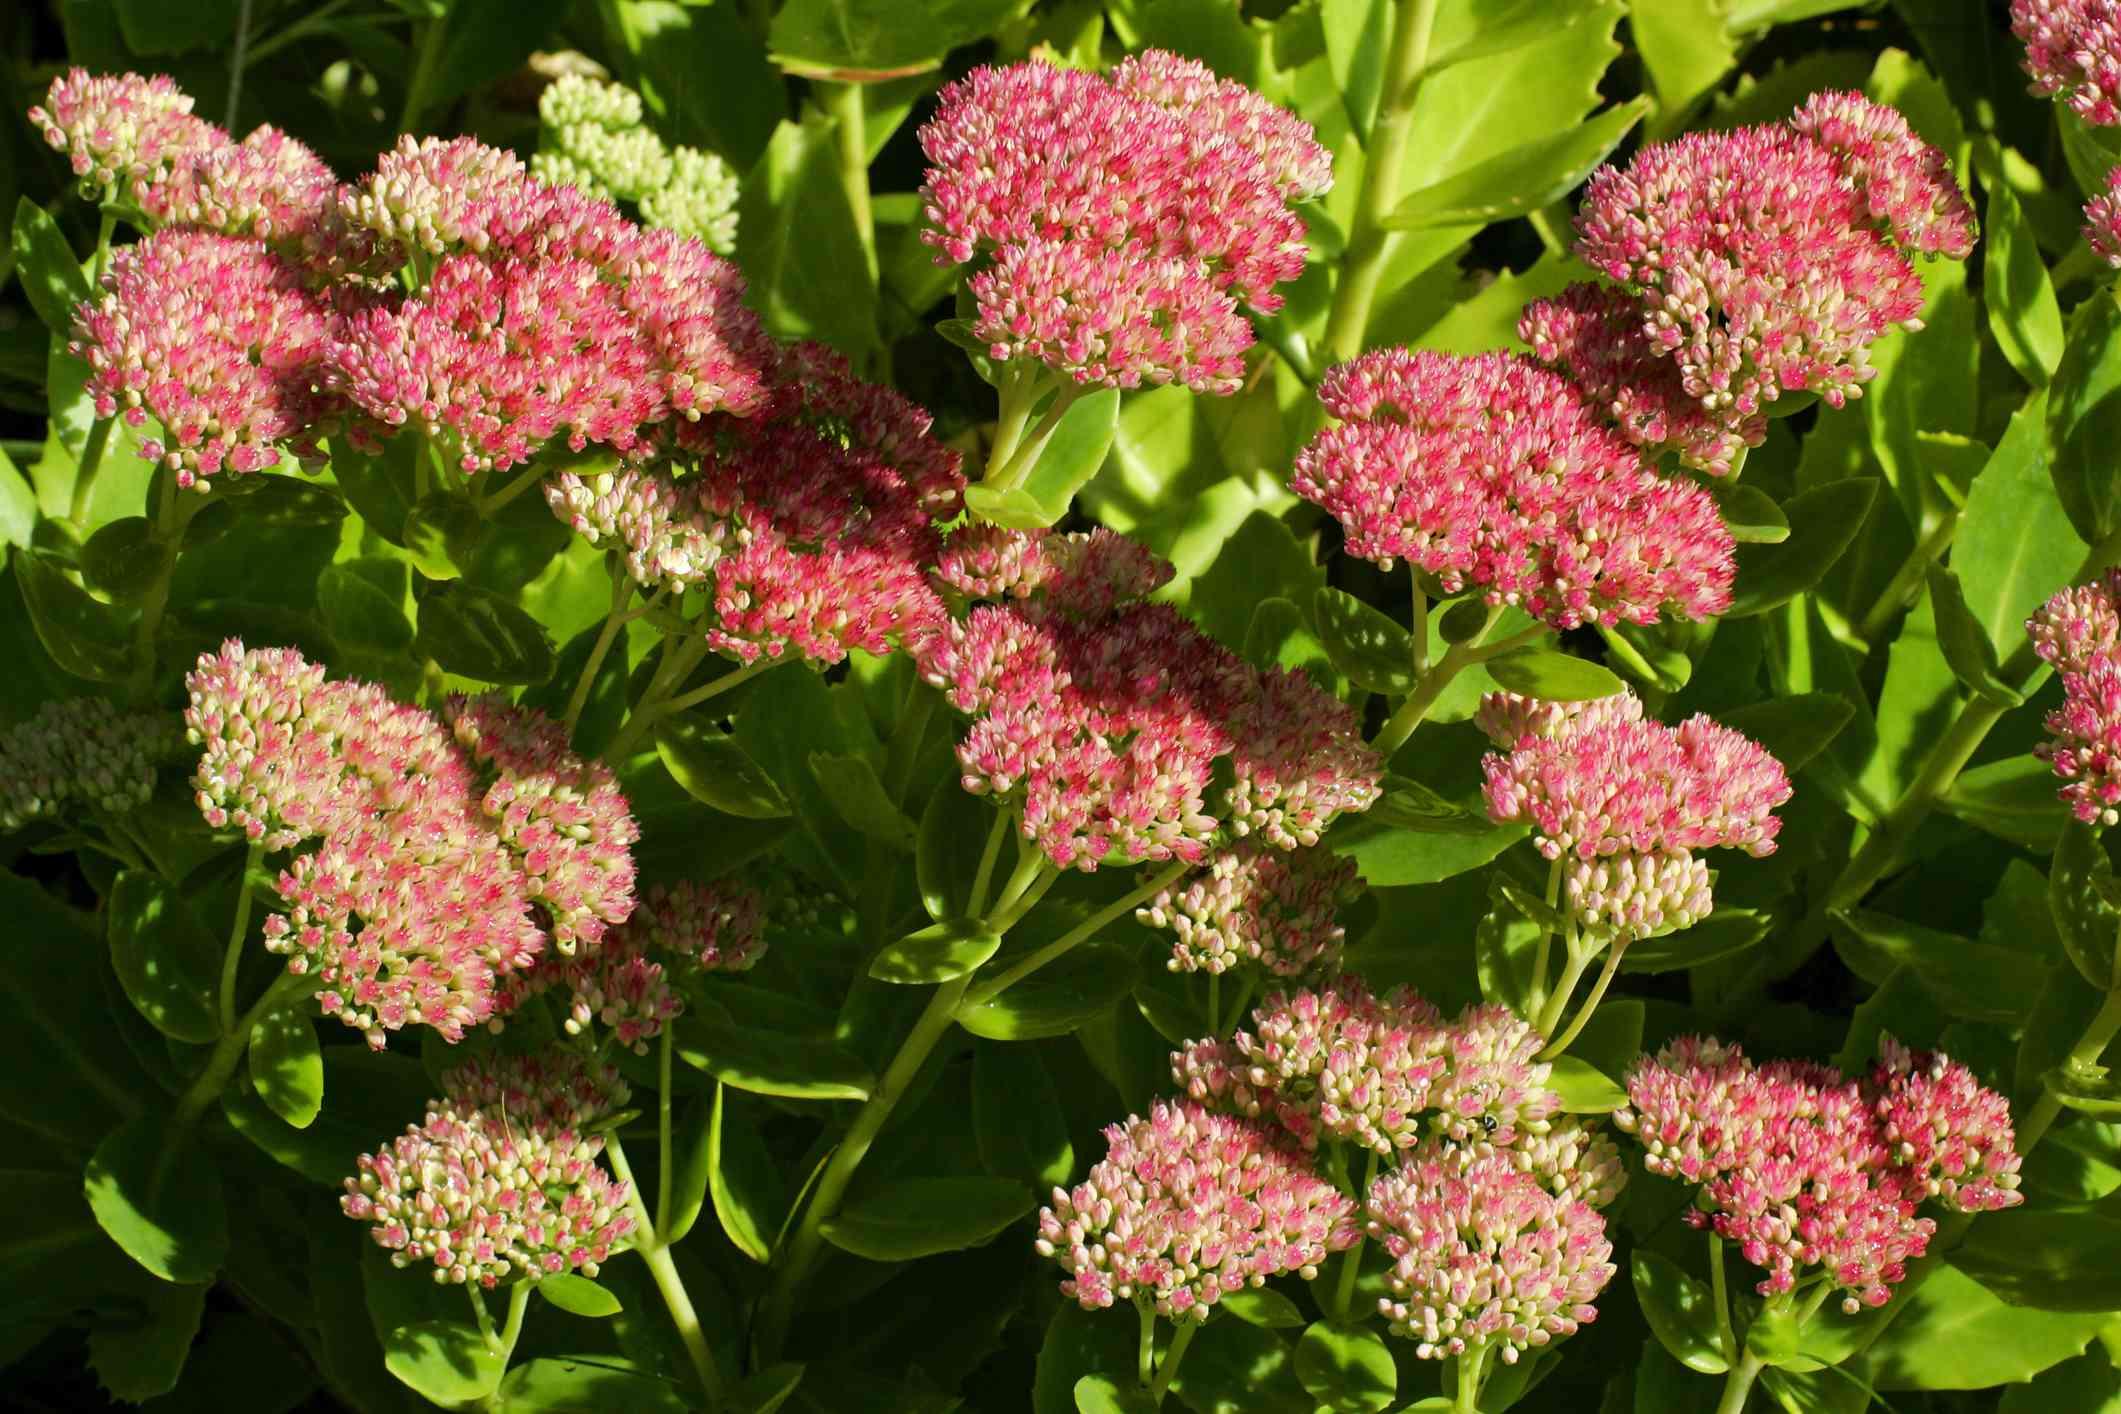 Autumn Joy Stonecrop in bloom.